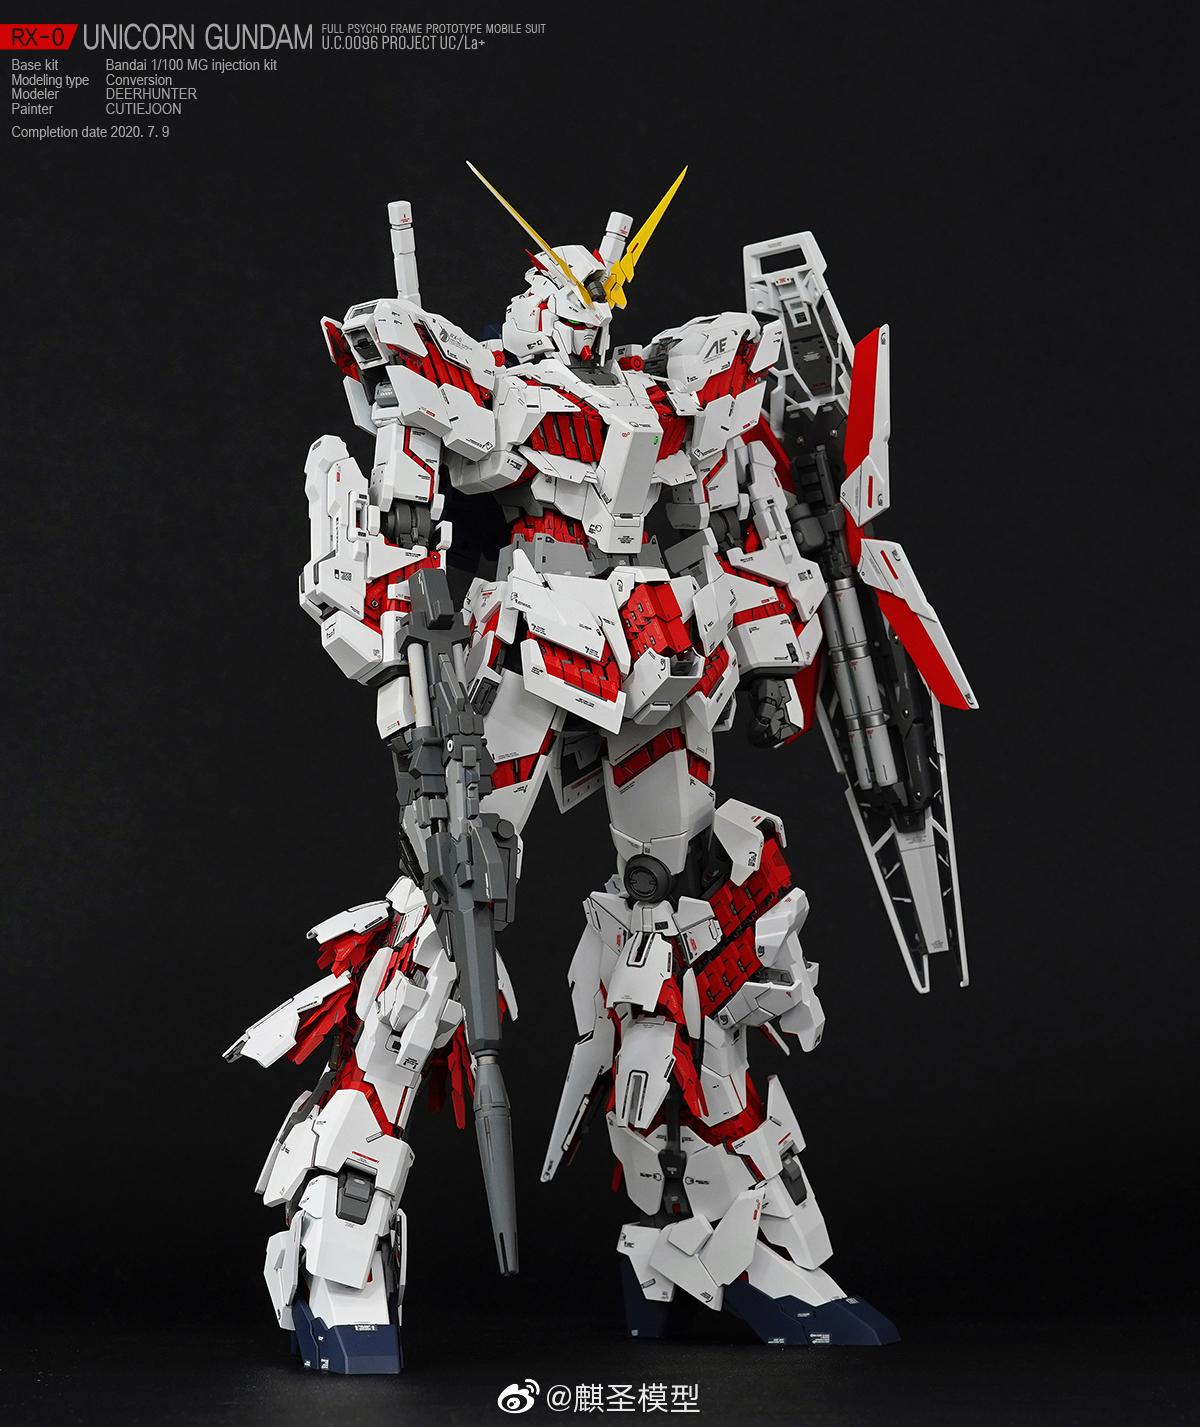 G621_unicorn_001.jpg